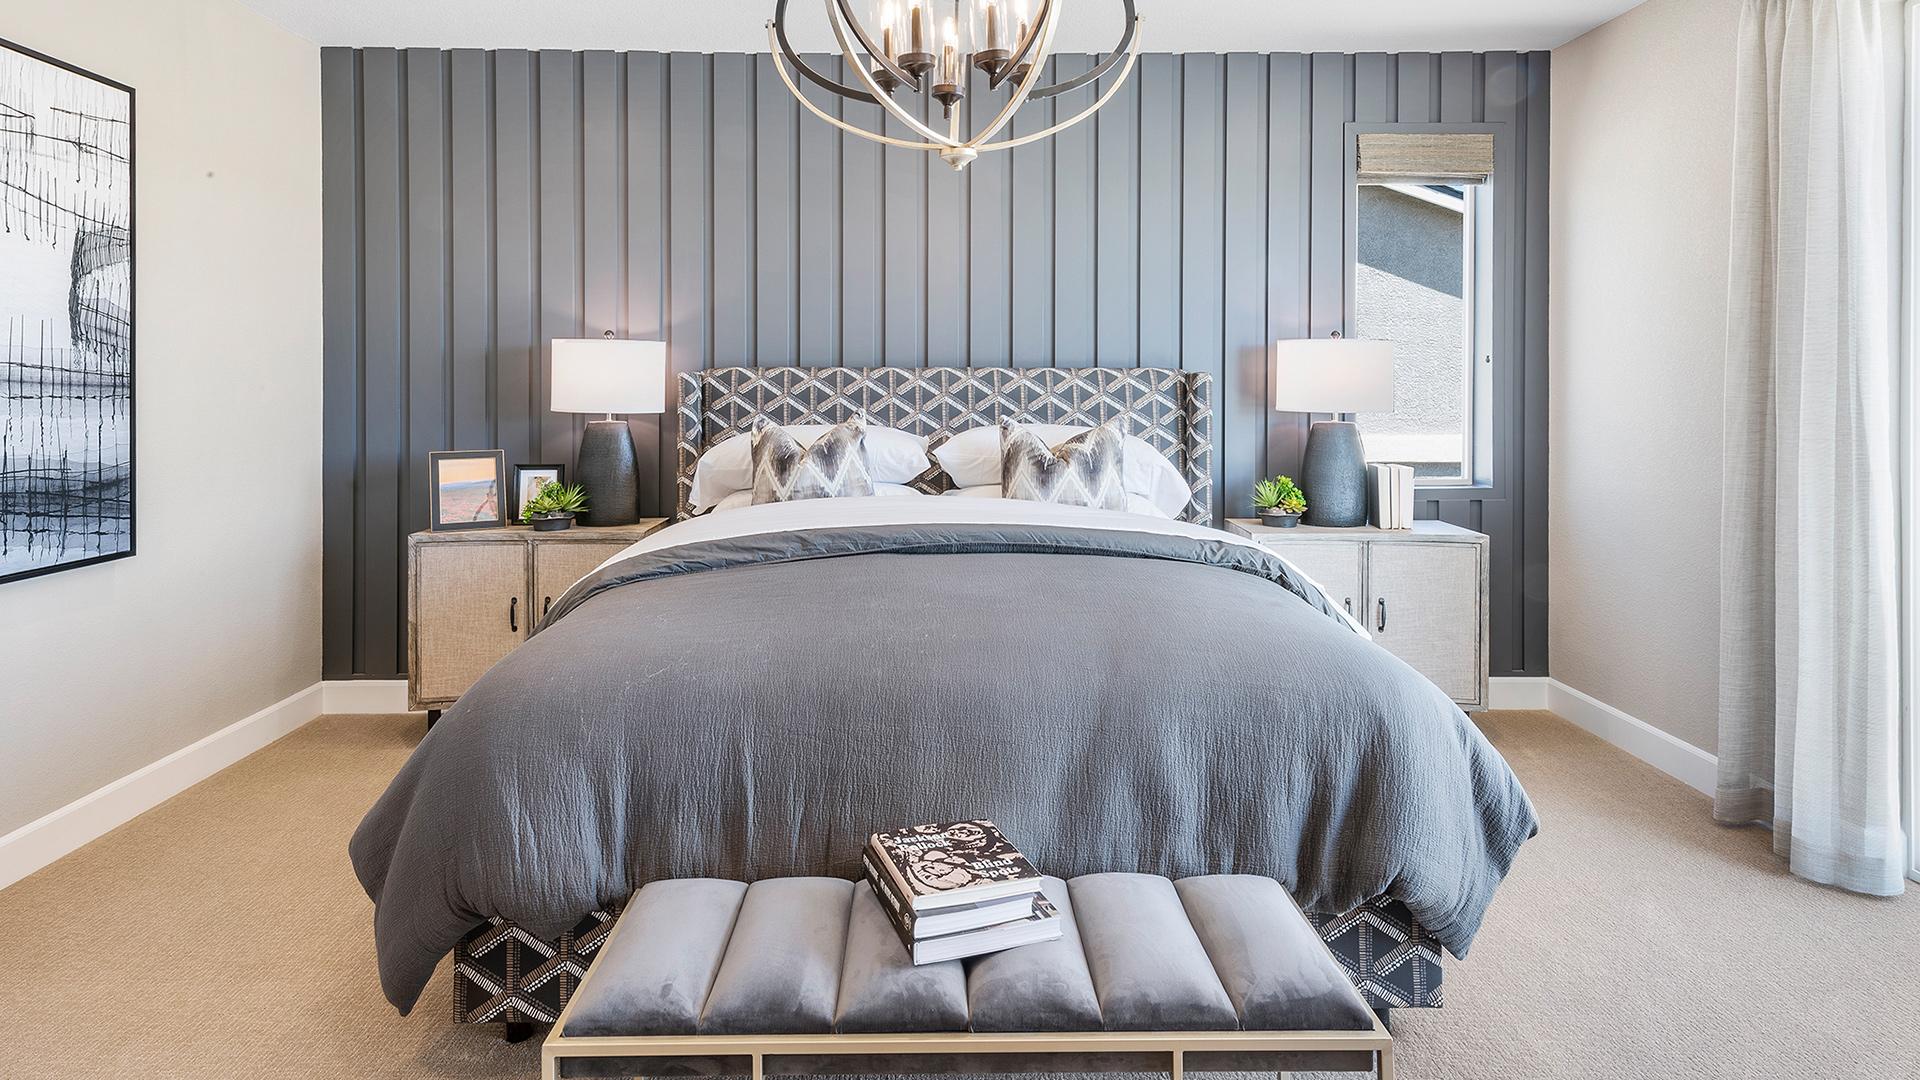 Borella primary bedroom suite